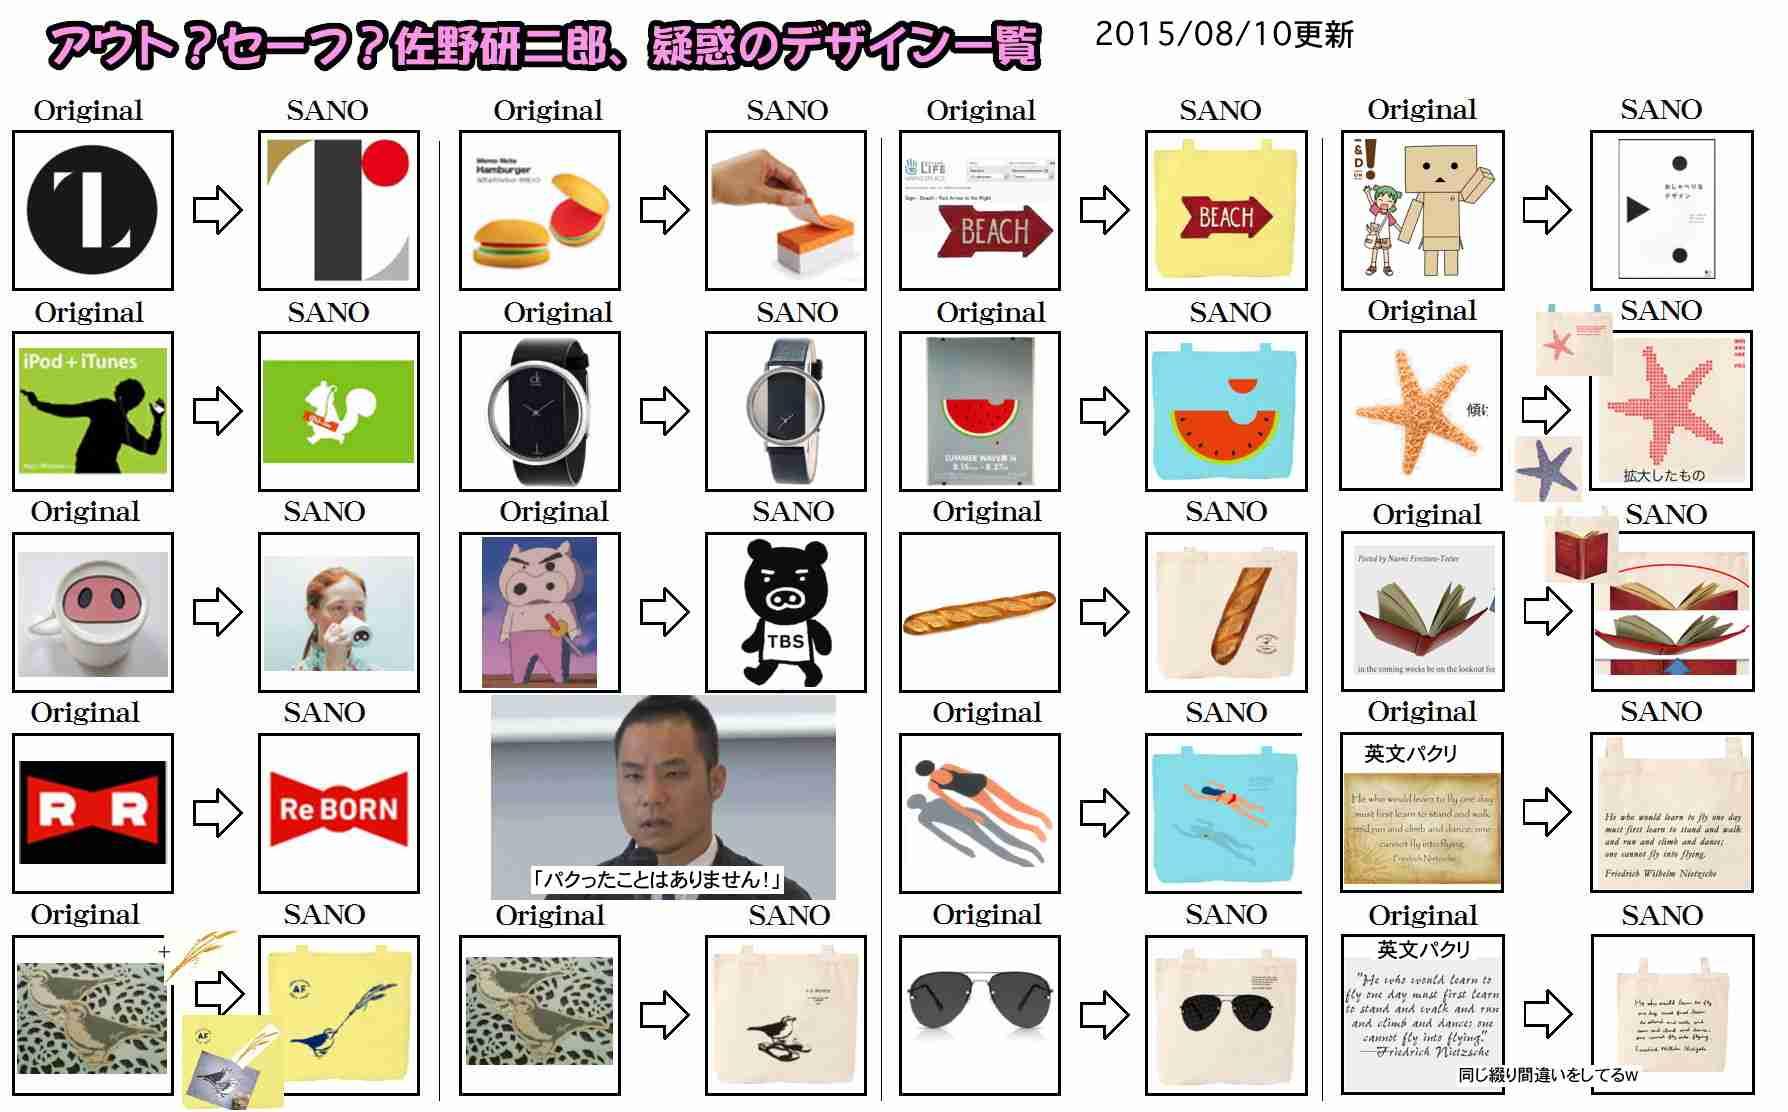 HIRO退任のLDHが新企業ロゴ発表も「東京メトロの路線表示そっくり」と炎上!レコ大買収騒動でHIROも迷走